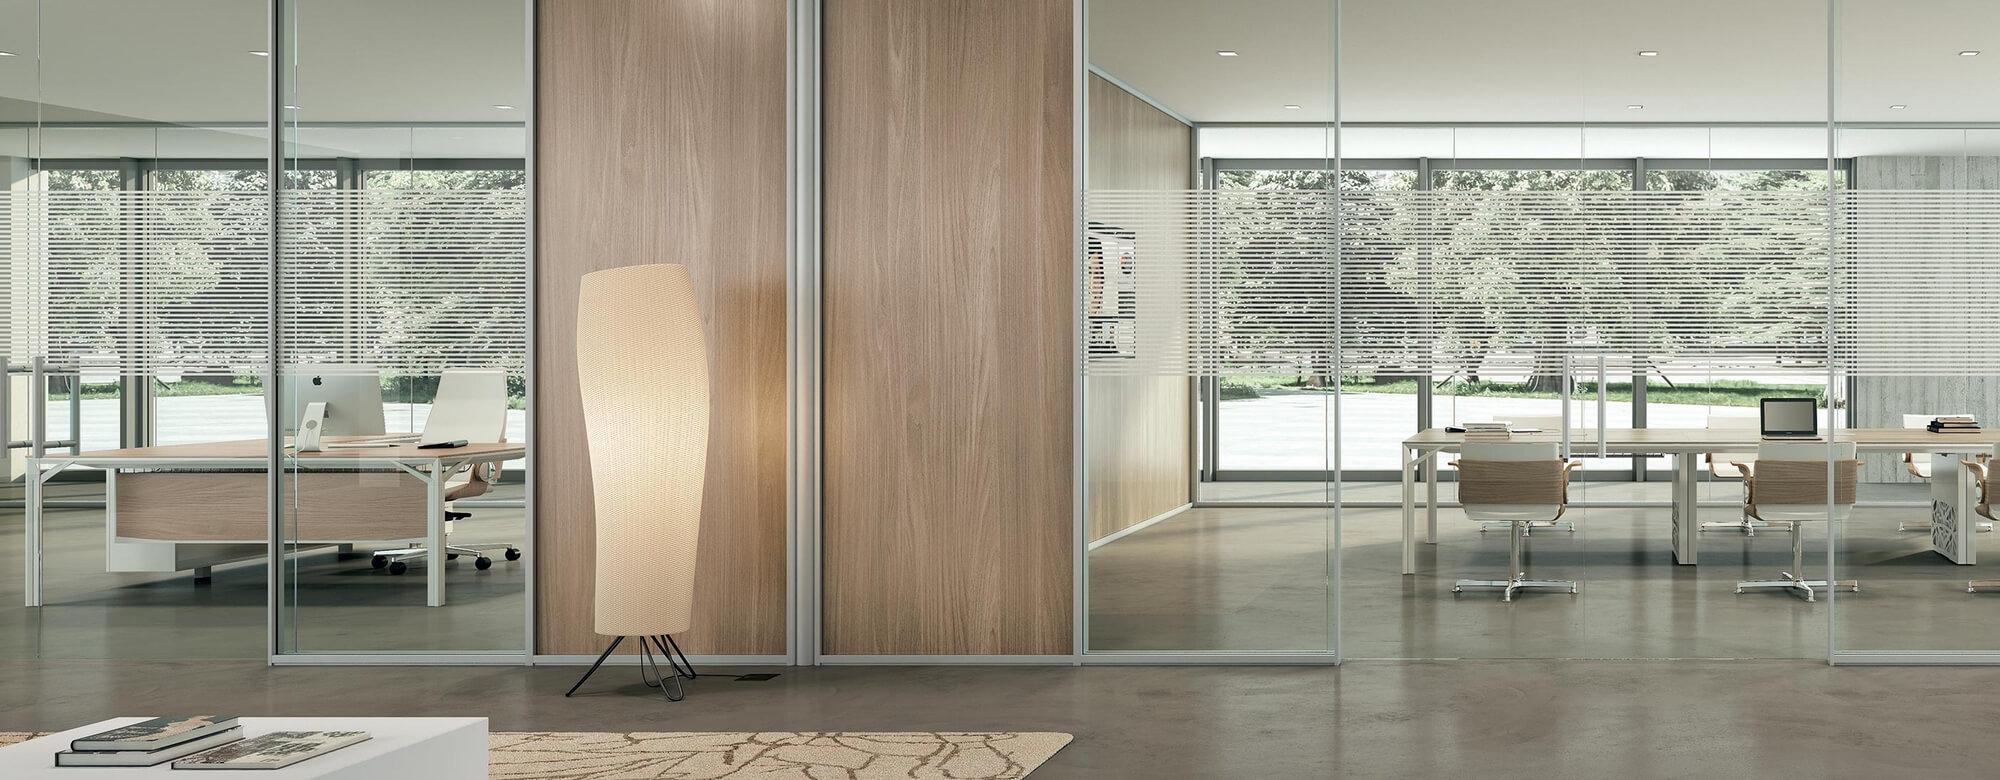 Muebles de oficina mesas de oficina y mobiliario de for Muebles de oficina madrid baratos